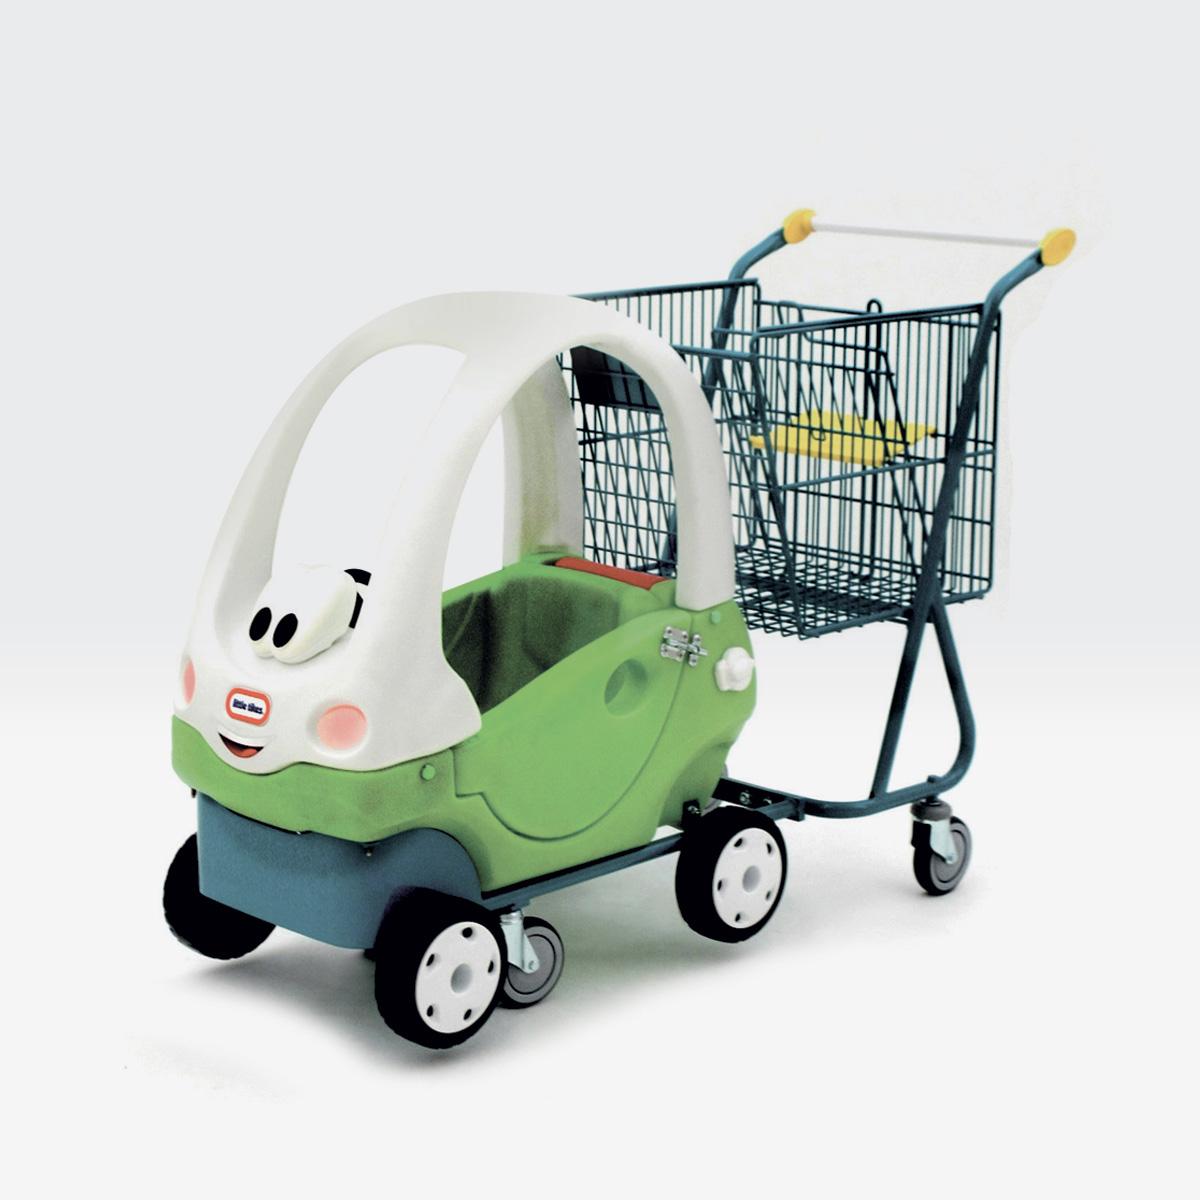 Carrello per bambini Kid Car 110S